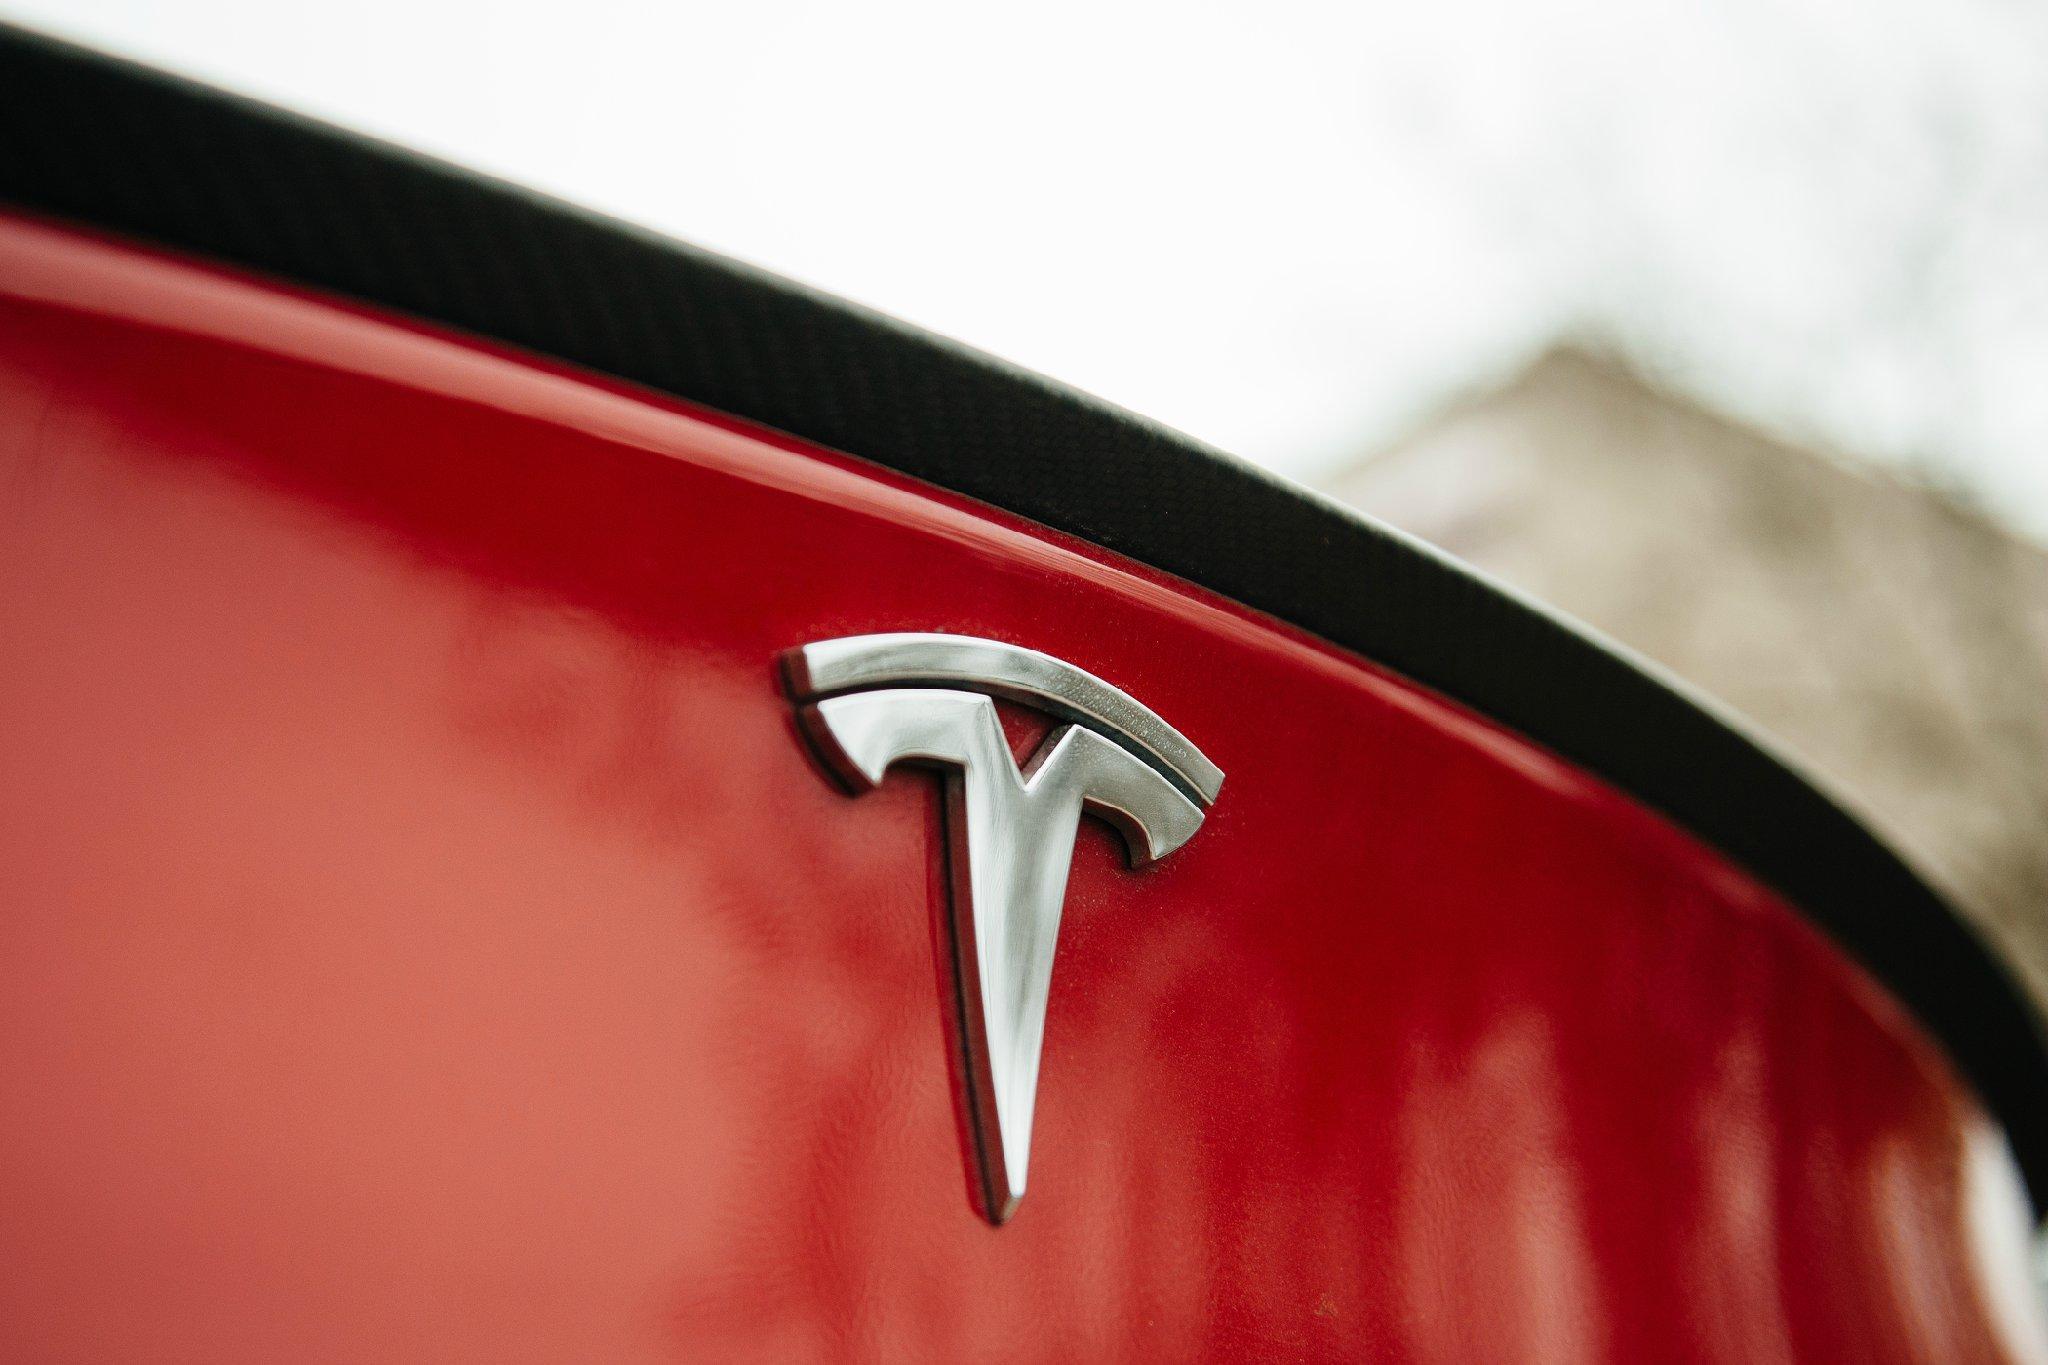 拜登决心投入1740亿美元支持电动汽车行业,特斯拉会成最大赢家吗?